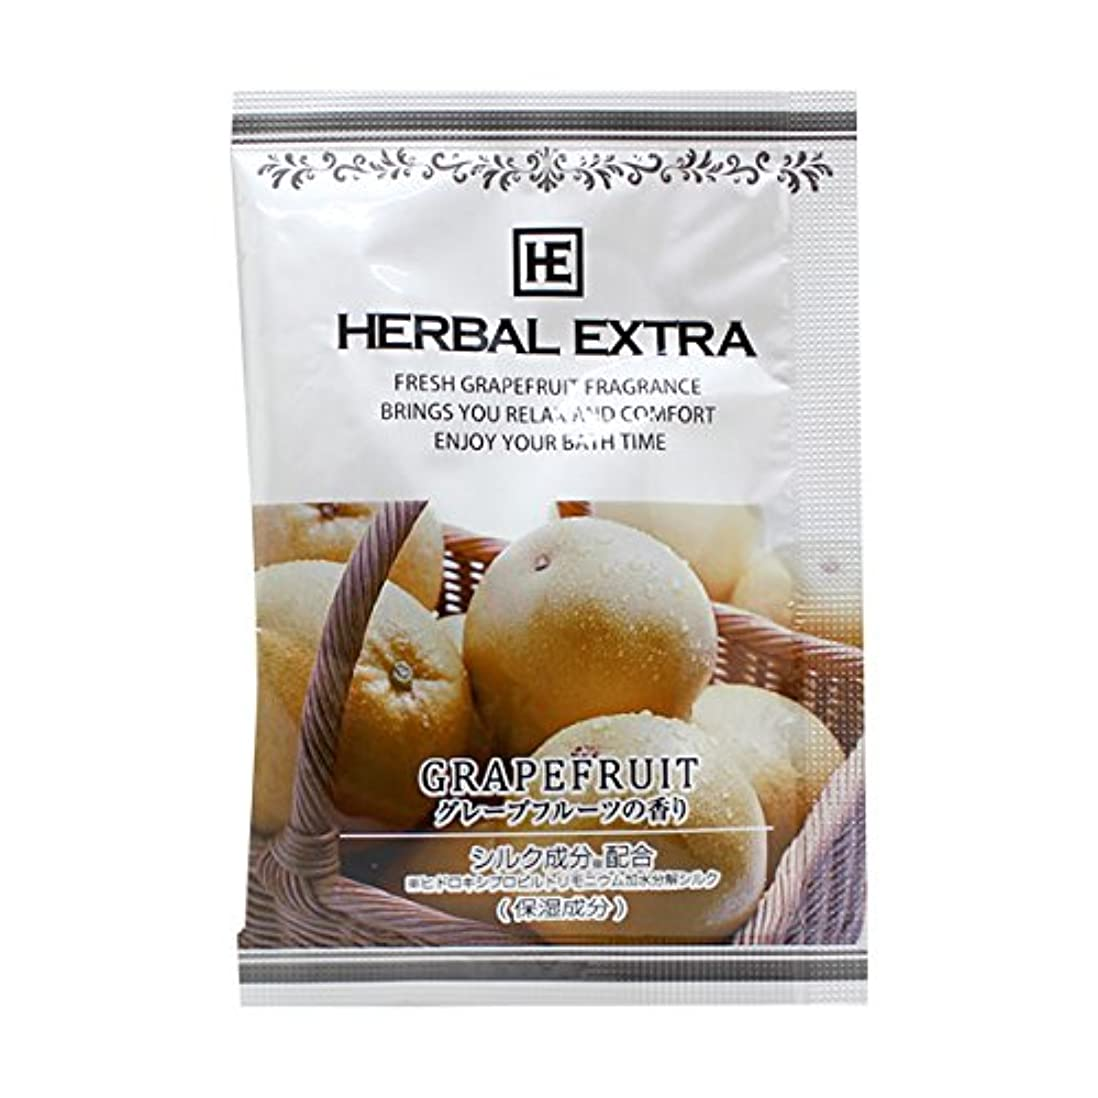 壊れた一節避難する入浴剤 ハーバルエクストラ「グレープフルーツの香り」30個